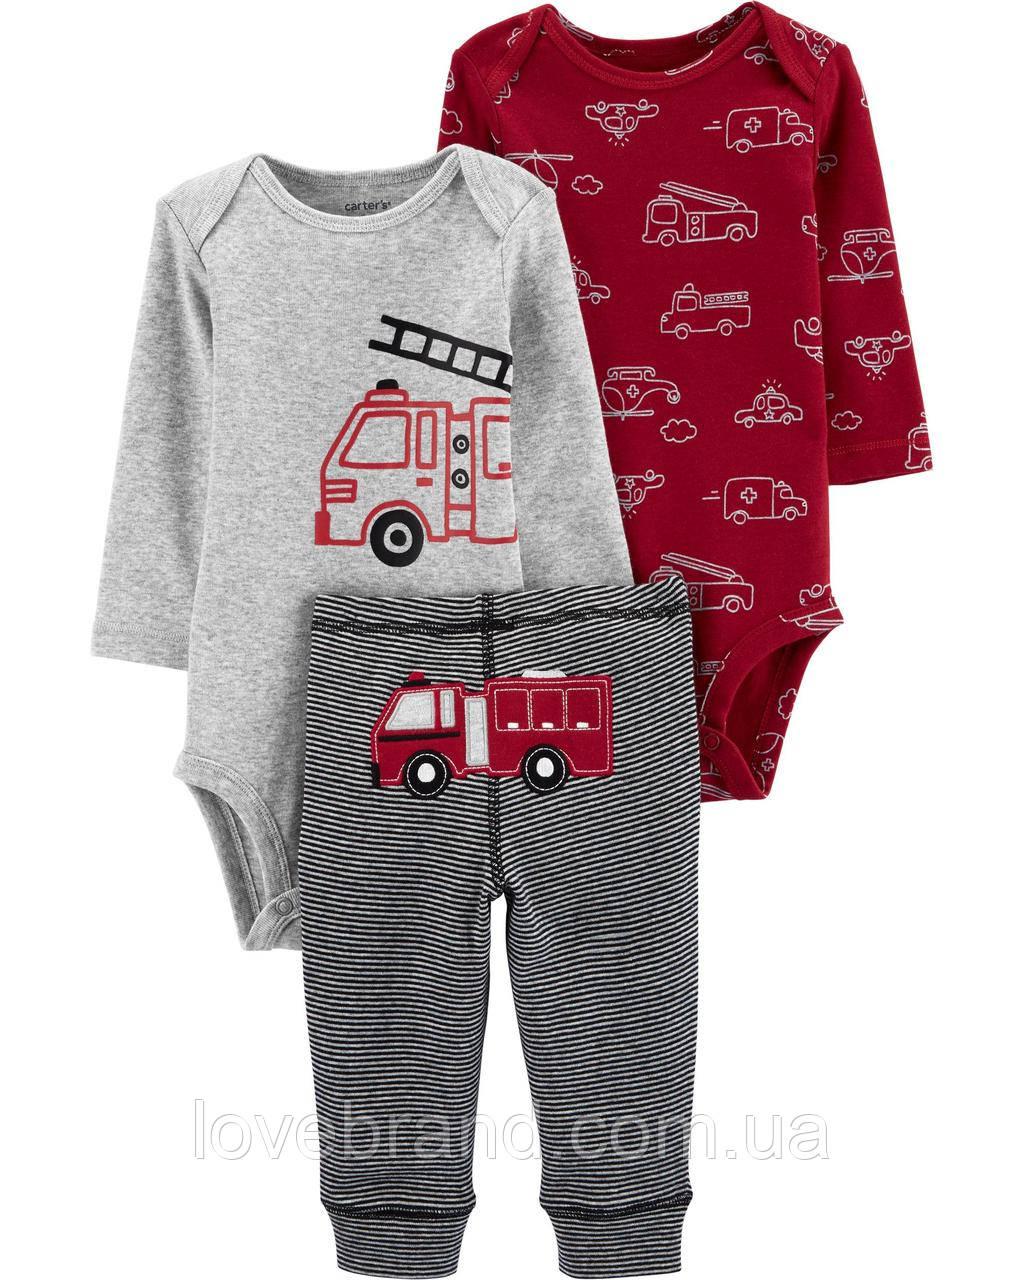 """Набор для мальчика Carter's """"Пожарная машина"""" боди на длинный + штанишки 9 мес/67-72 см"""